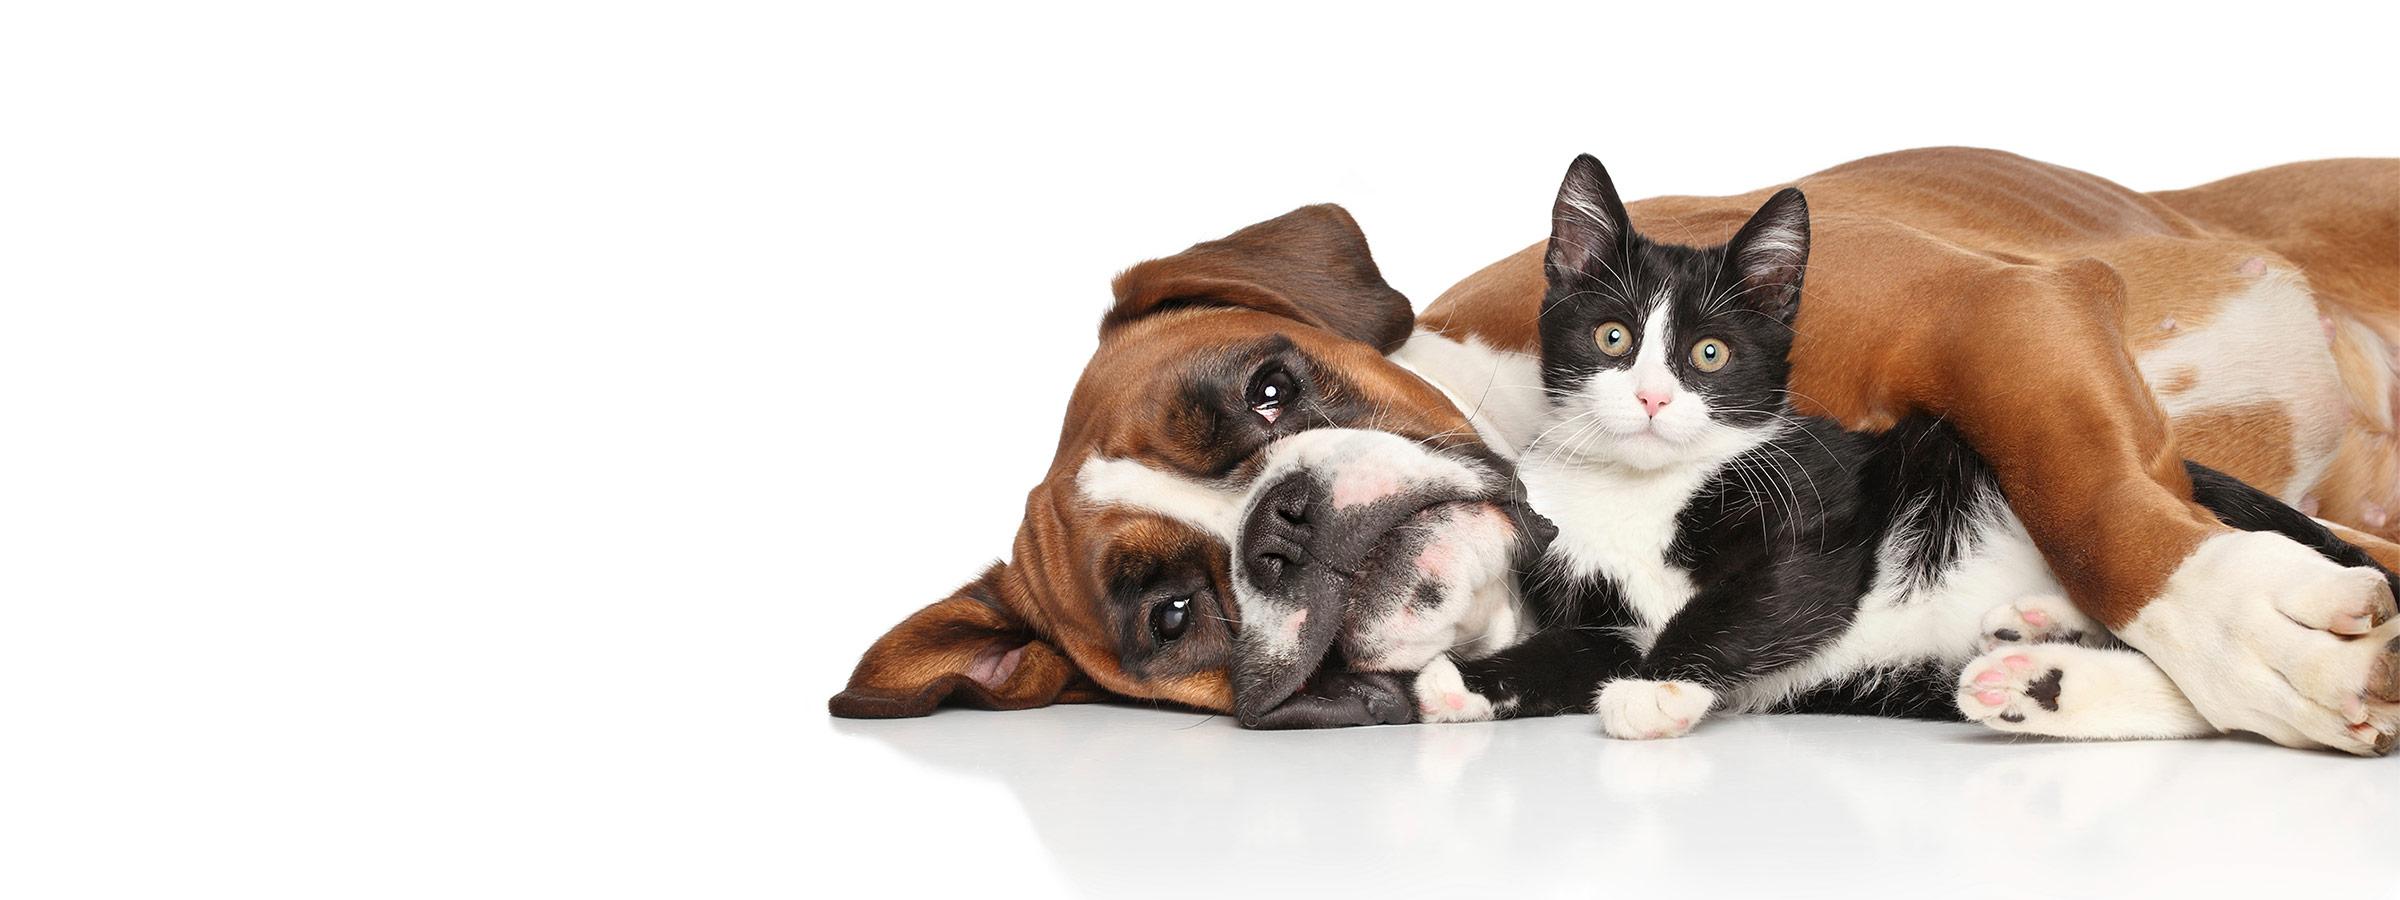 Pet Health | NOW Foods